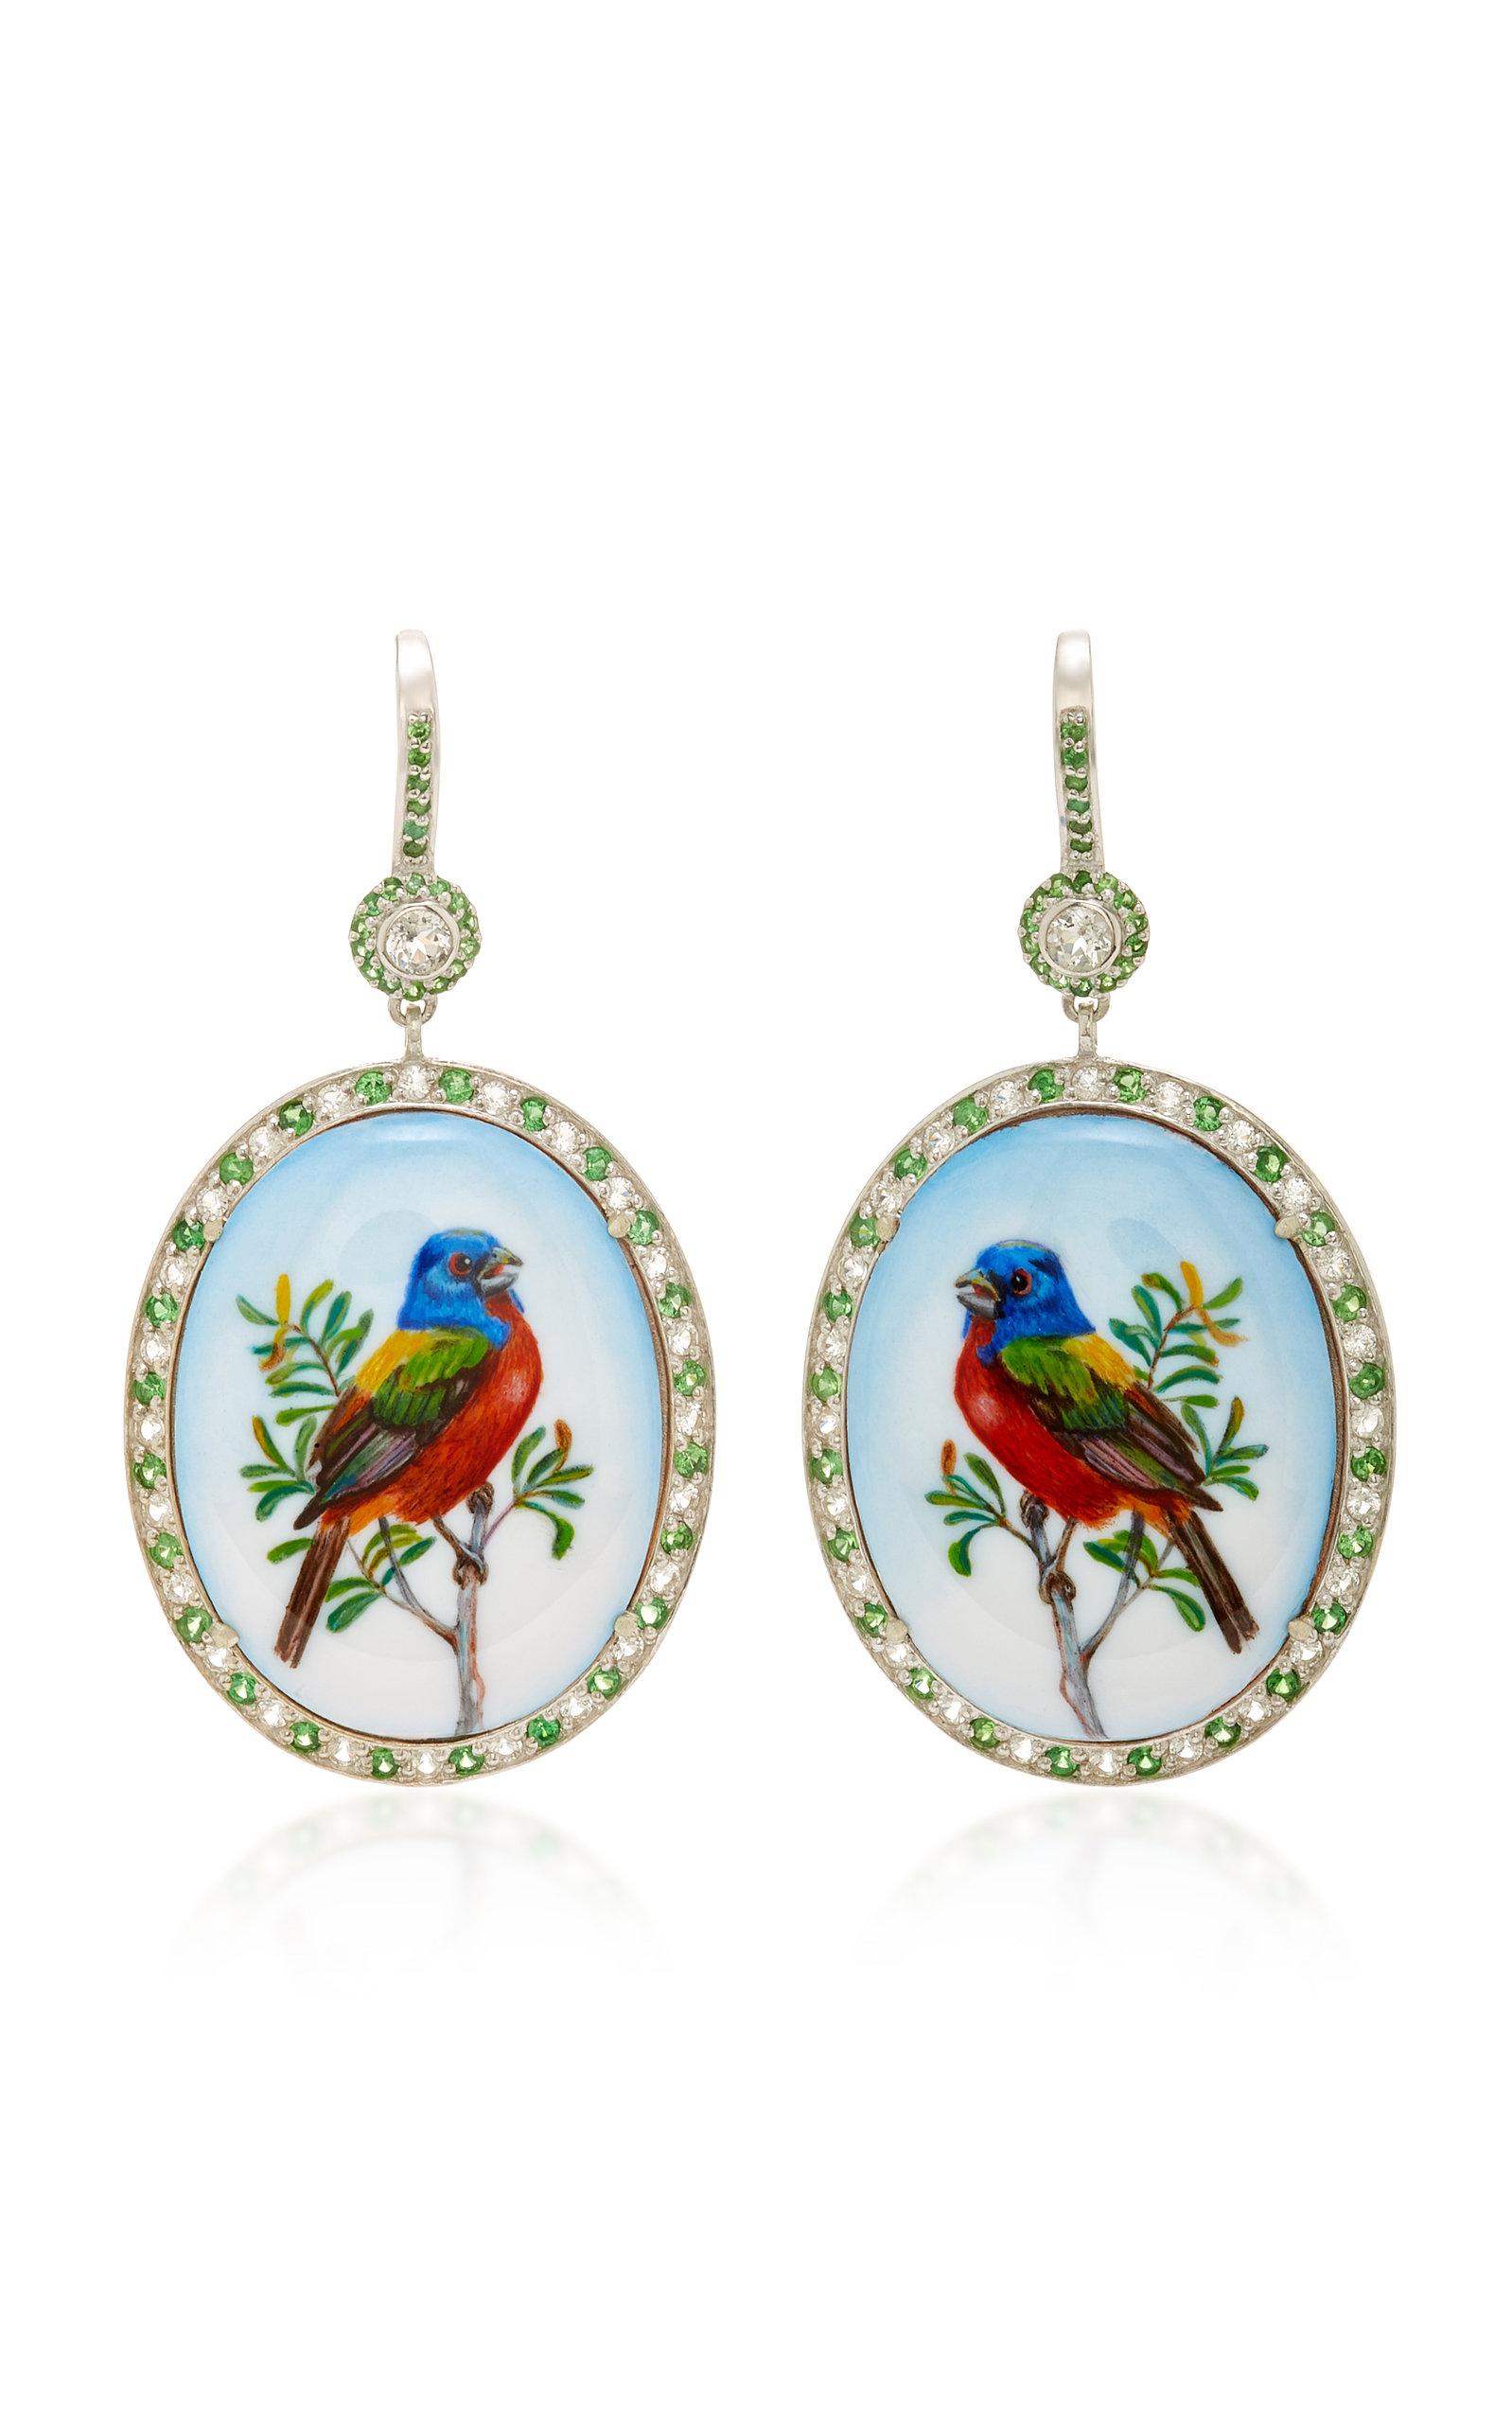 AXENOFF JEWELLERY Thorn Birds Silver Drop Earrings in Floral